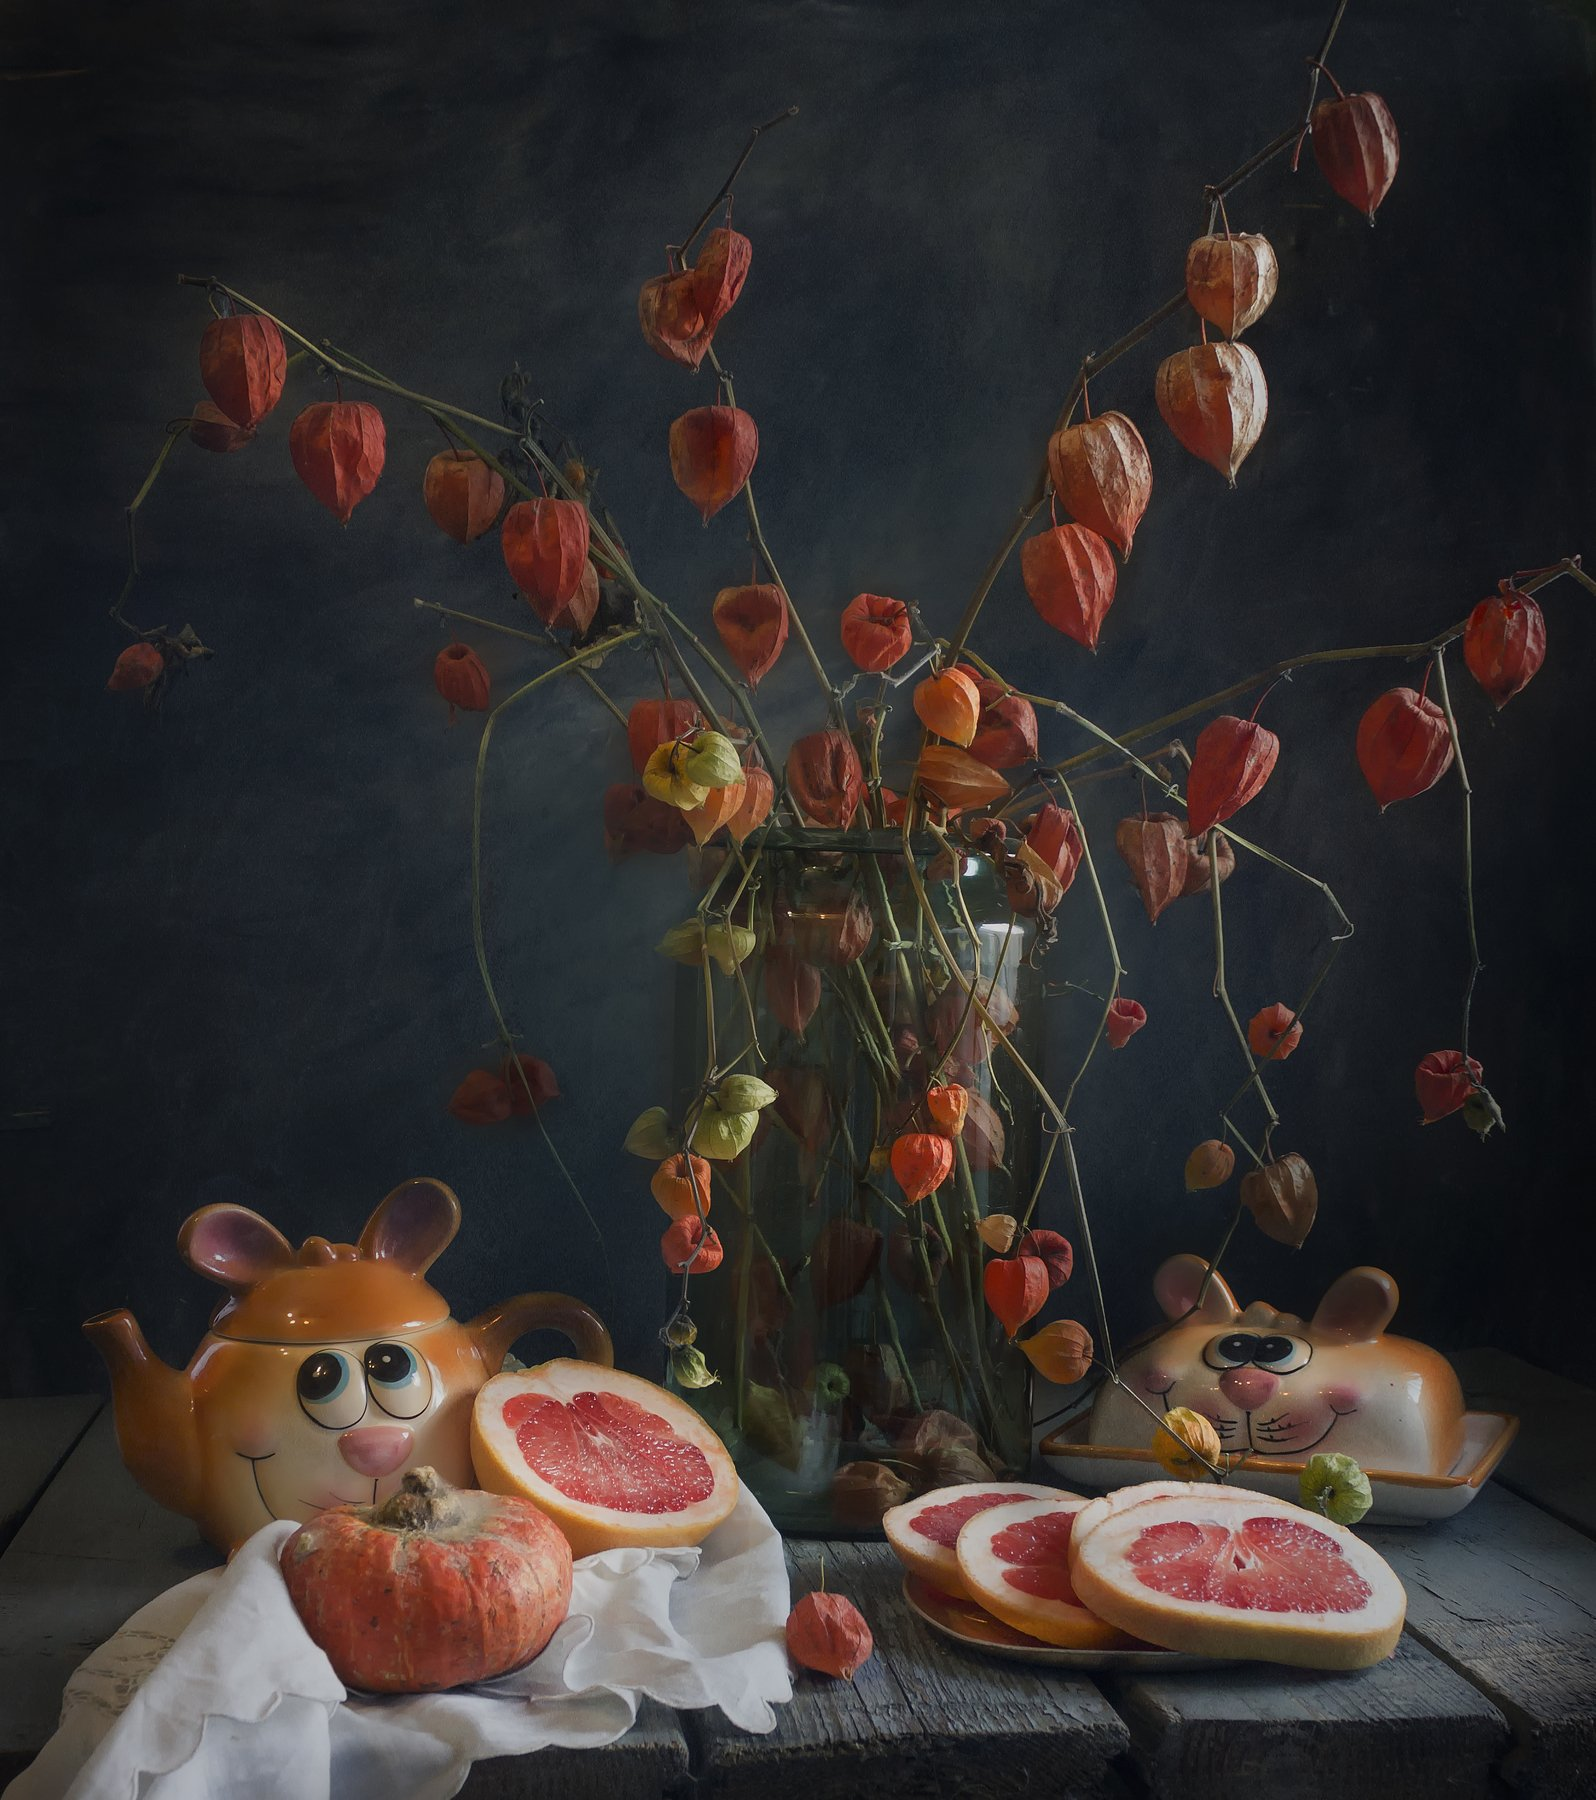 физалис, грейпфрут, оранжевые, чайник,натюрморт, Зимина Лионелла